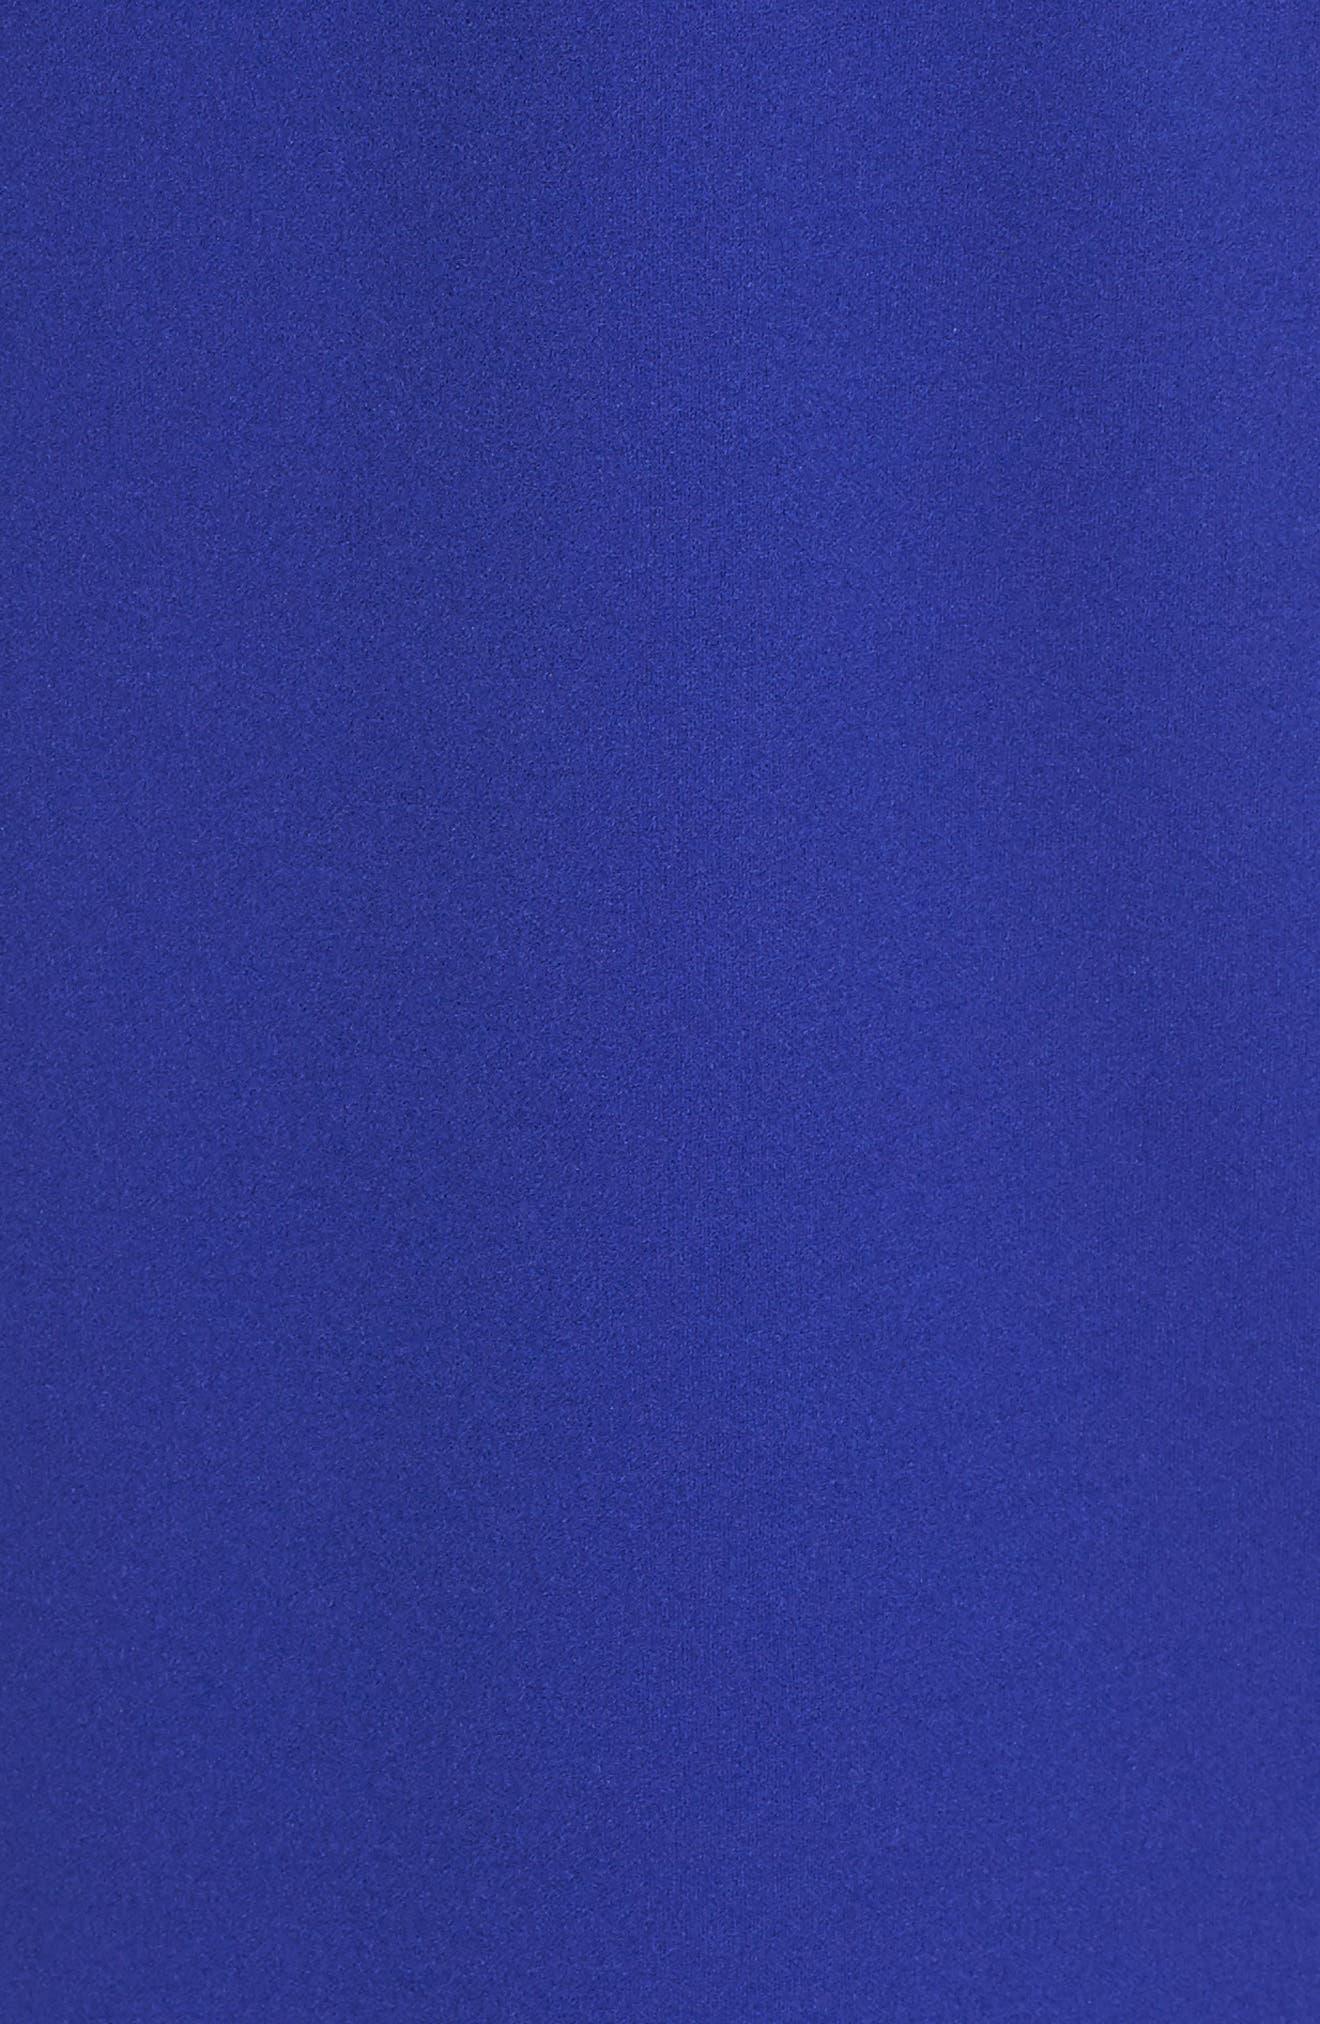 VINCE CAMUTO,                             Scuba Crepe Sheath Dress,                             Alternate thumbnail 6, color,                             COBALT